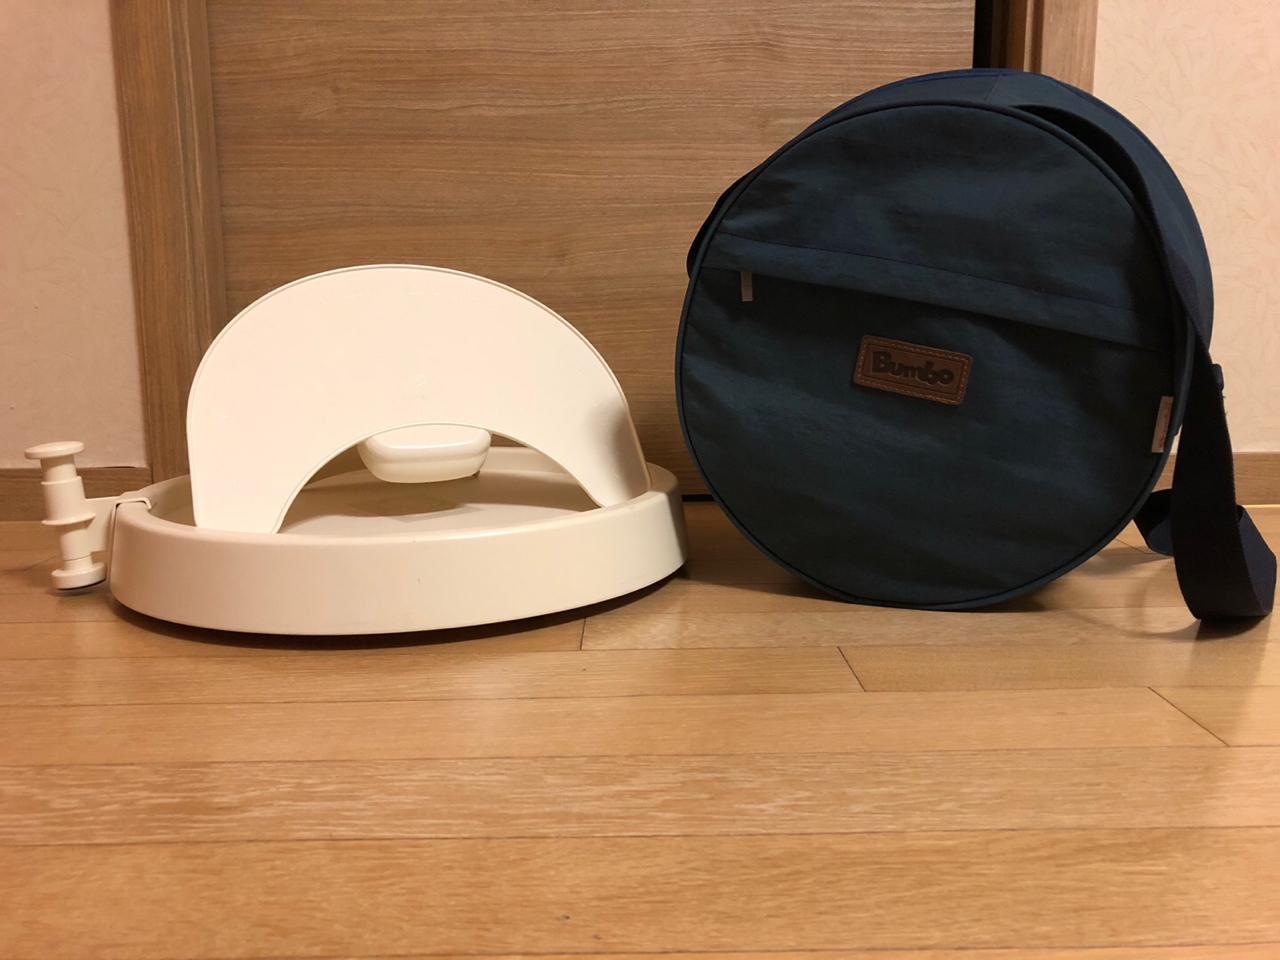 정품 범보의자 국민의자 (의자+식탁+카트+커버) 풀세트, Bumbo